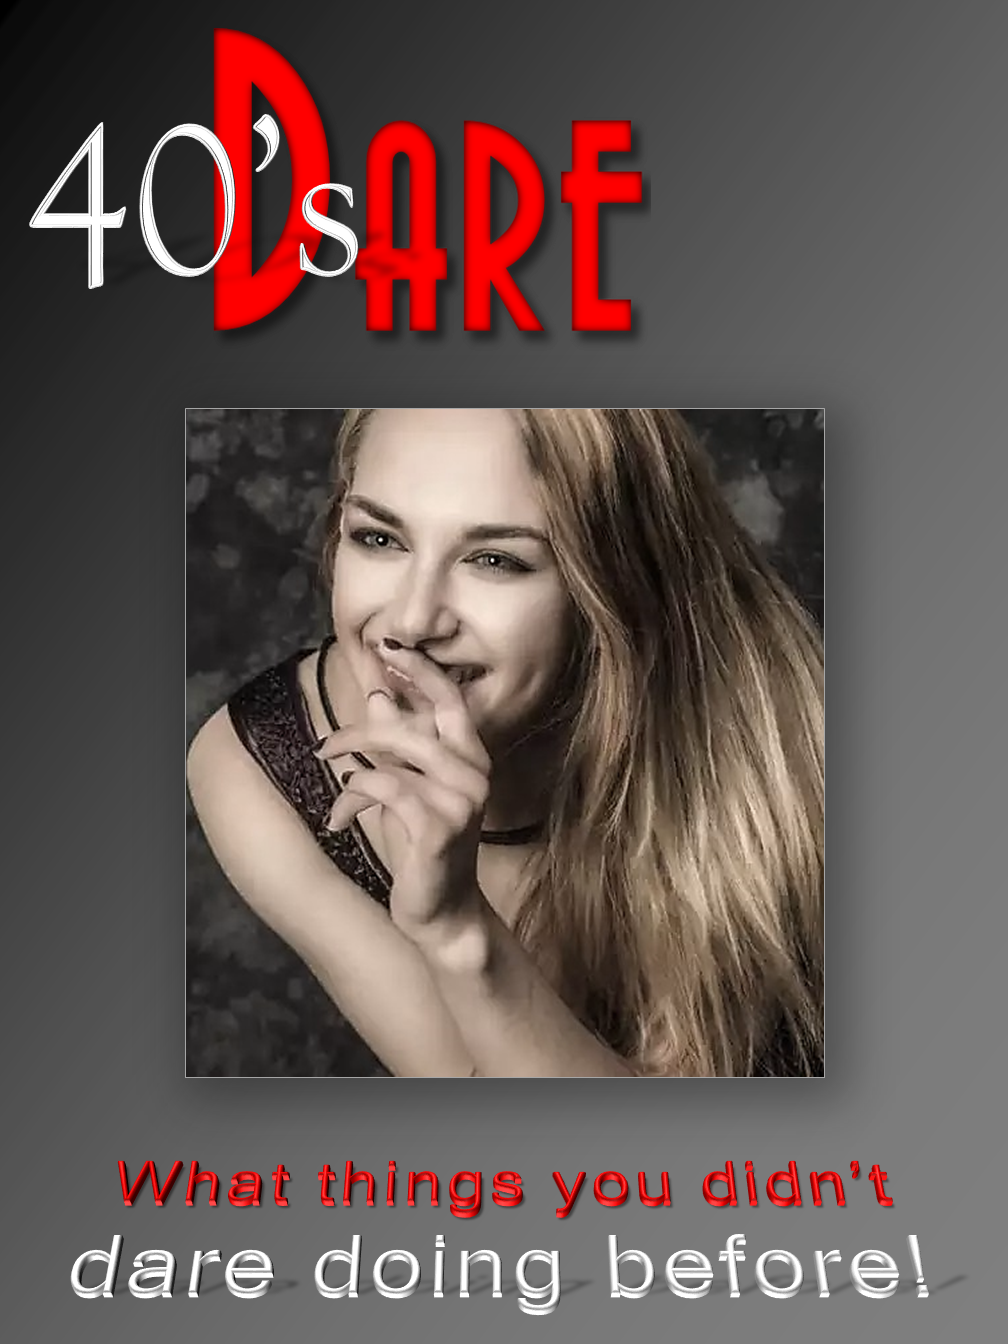 40's Dare